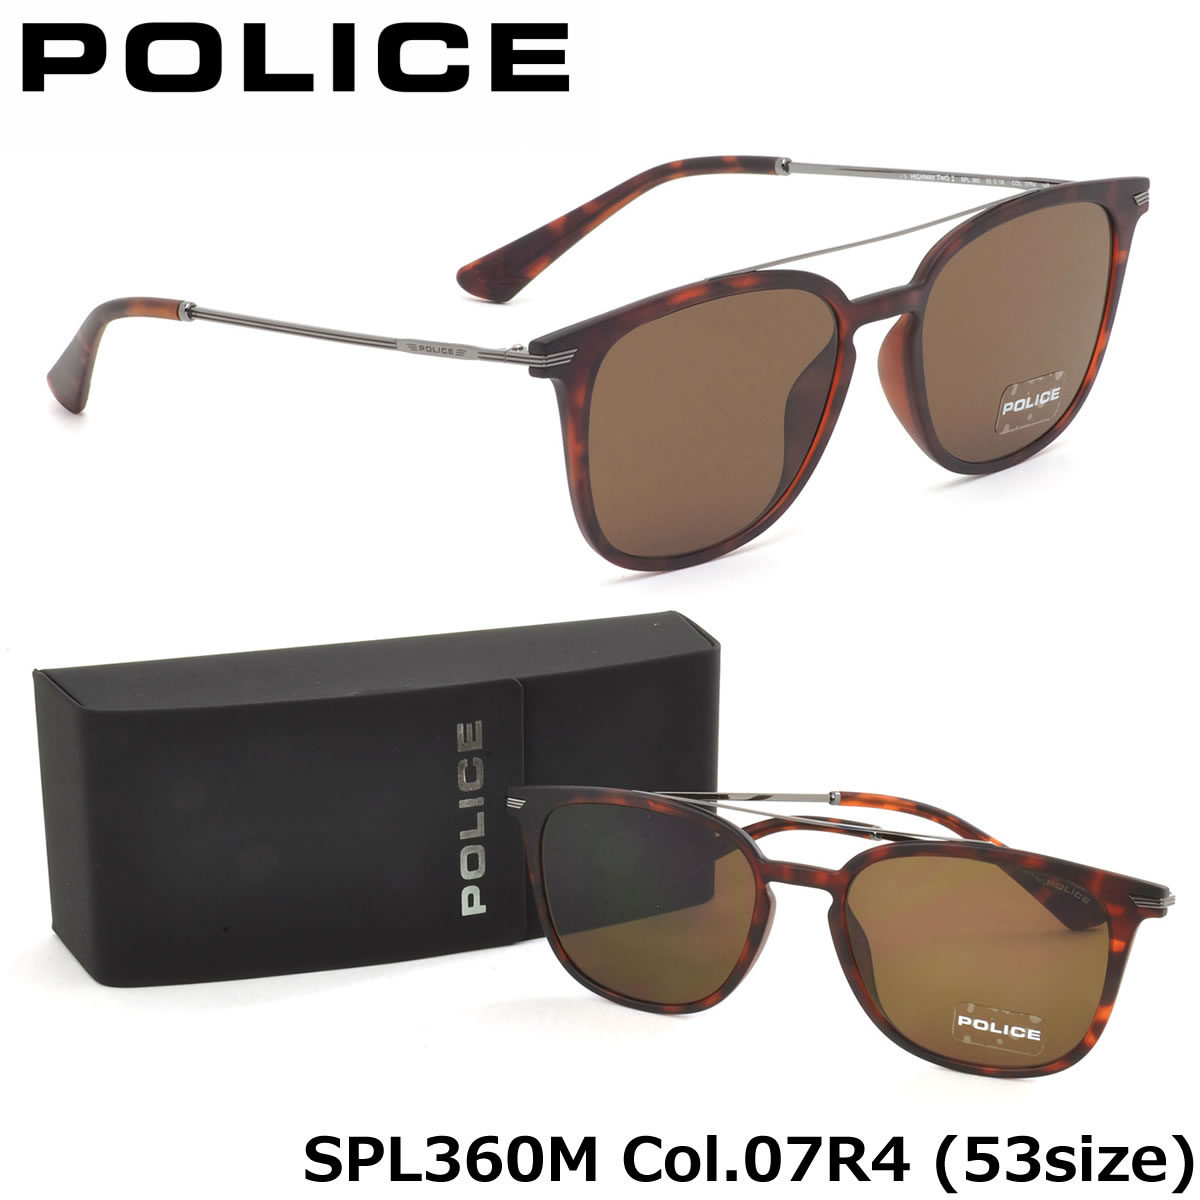 ポイント最大33倍 【ポリス】 (POLICE) サングラスSPL360M 07R4 53サイズHIGHWAYTWO2 フラットレンズ ツーブリッジ キーホールPOLICE メンズ レディース